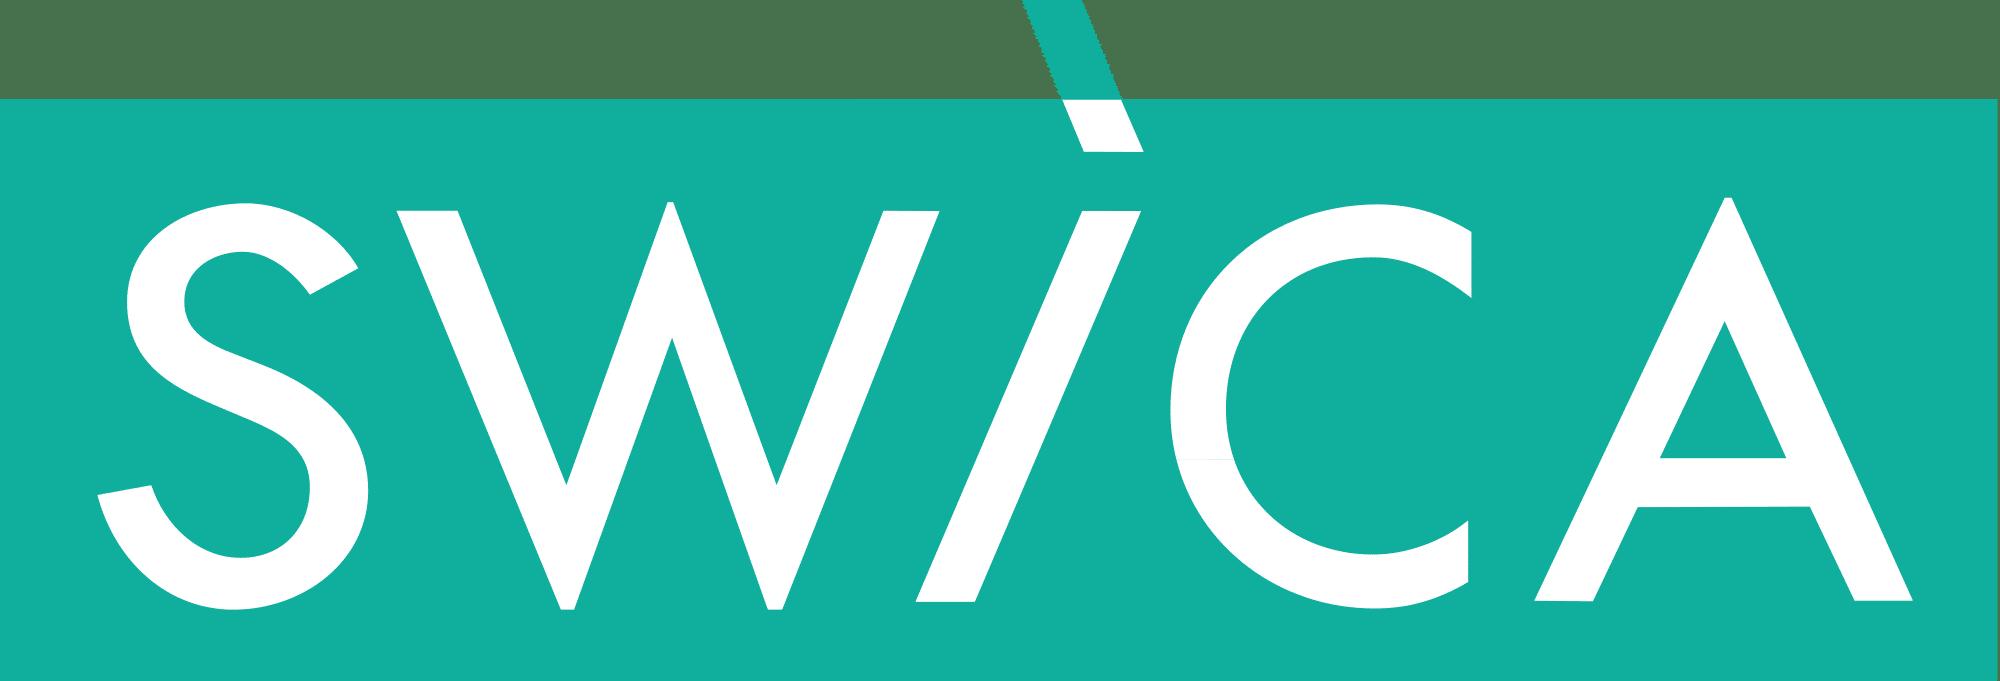 Swica Logo - EU Consulting